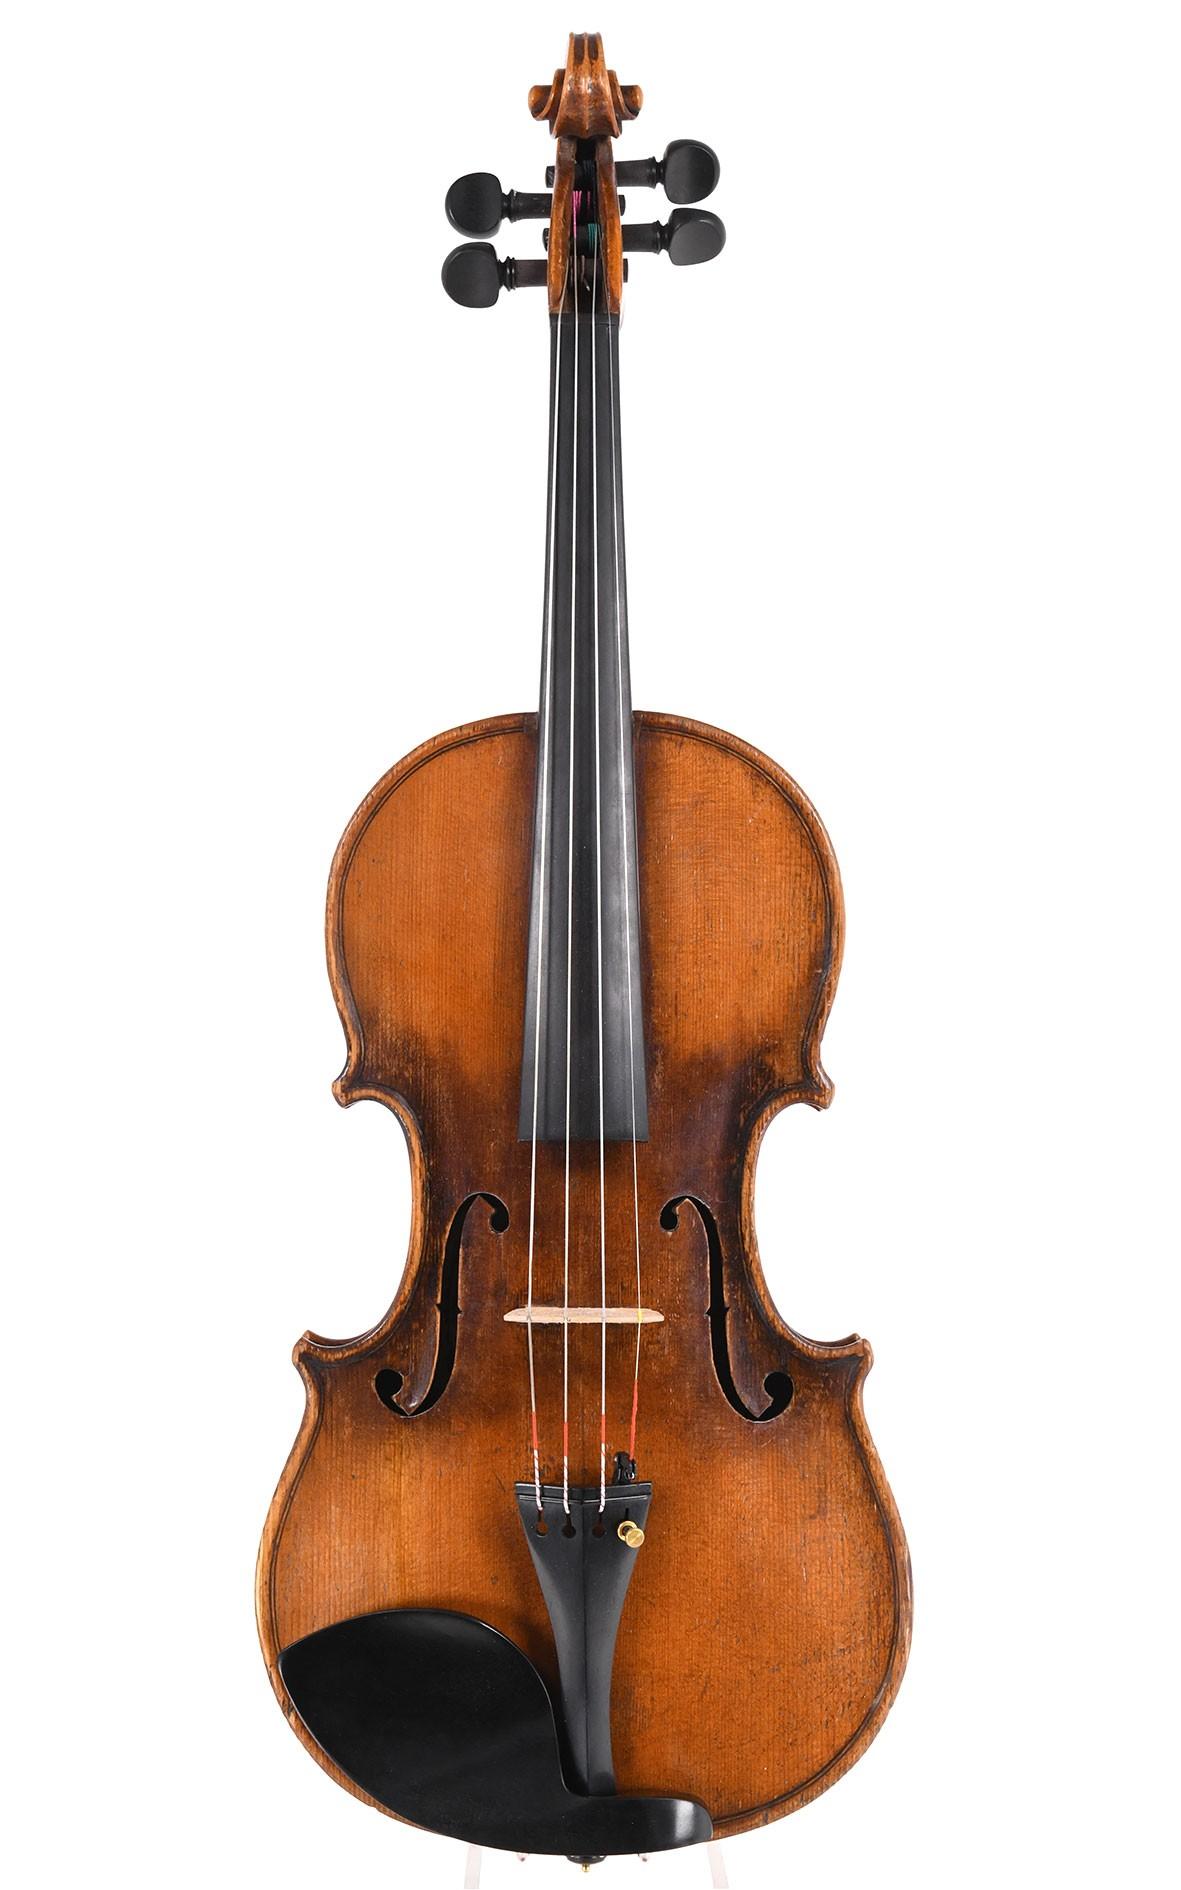 Antike Violine um 1787 aus der Werkstatt von Nicolas Augustin Chappuy in Mirecourt